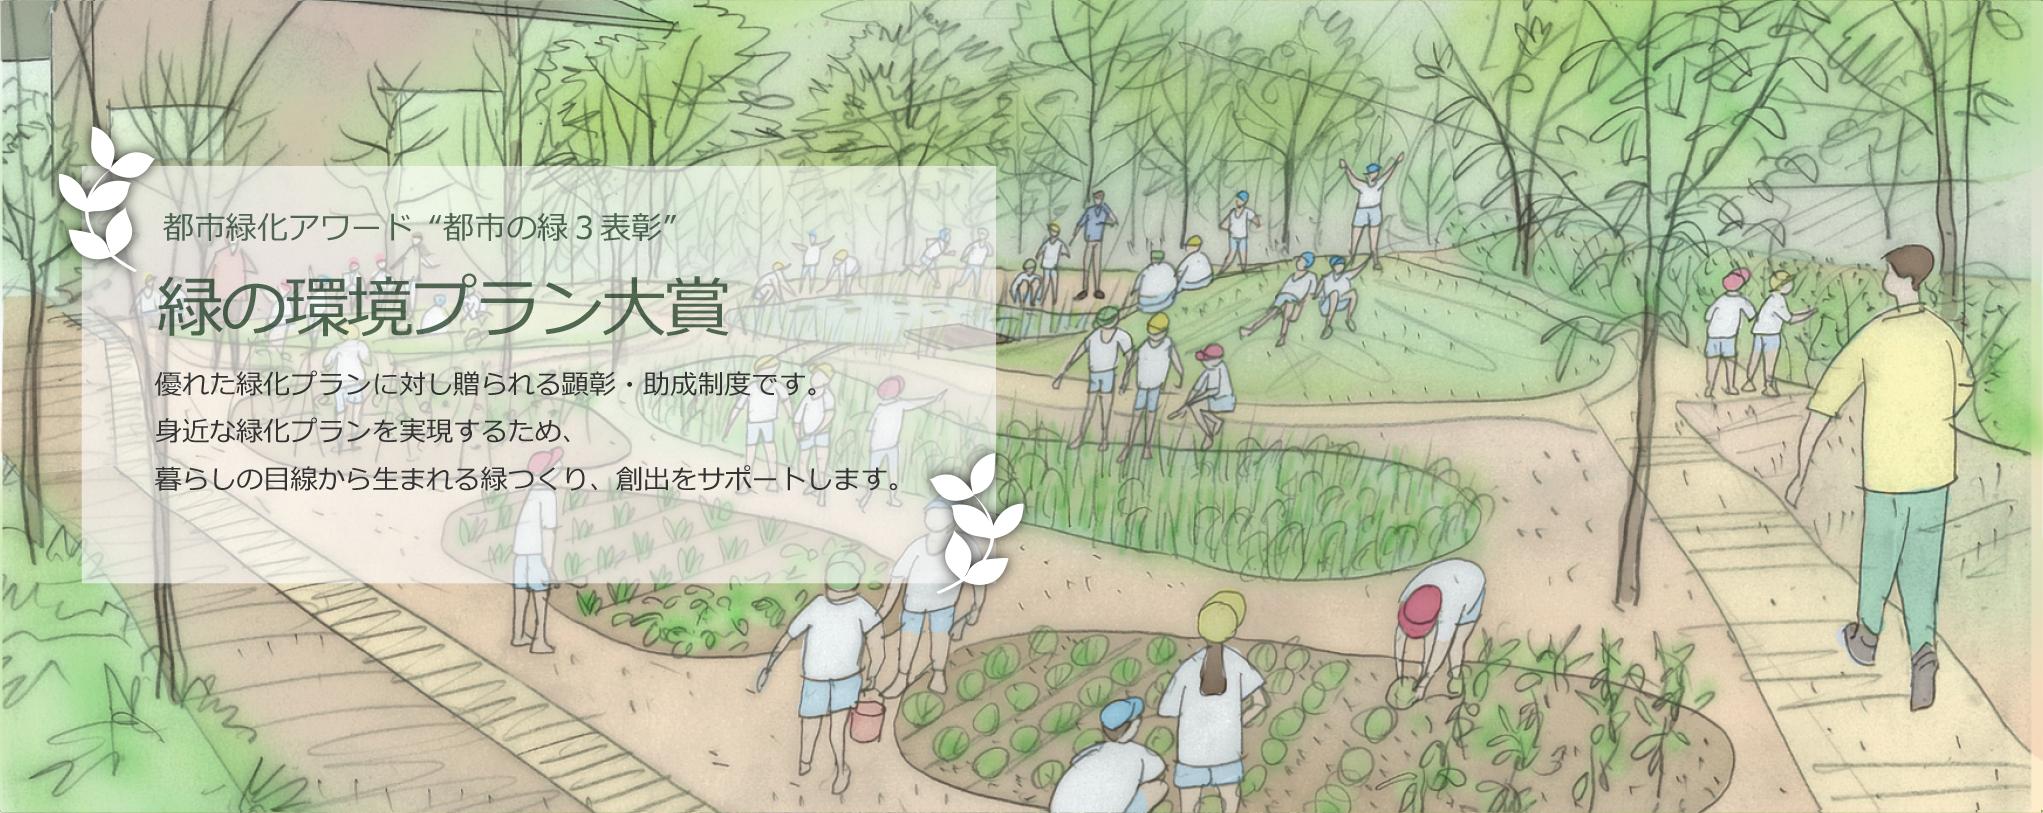 緑の環境デザイン賞